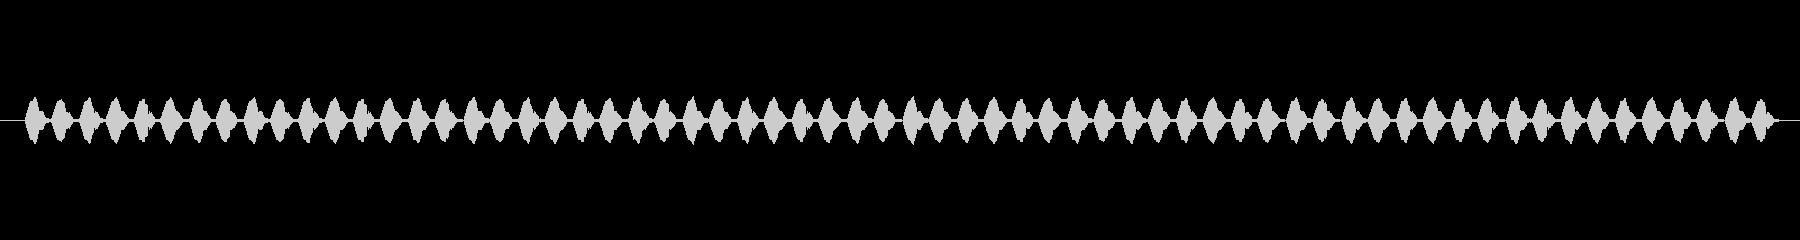 【慌てる03-3】の未再生の波形